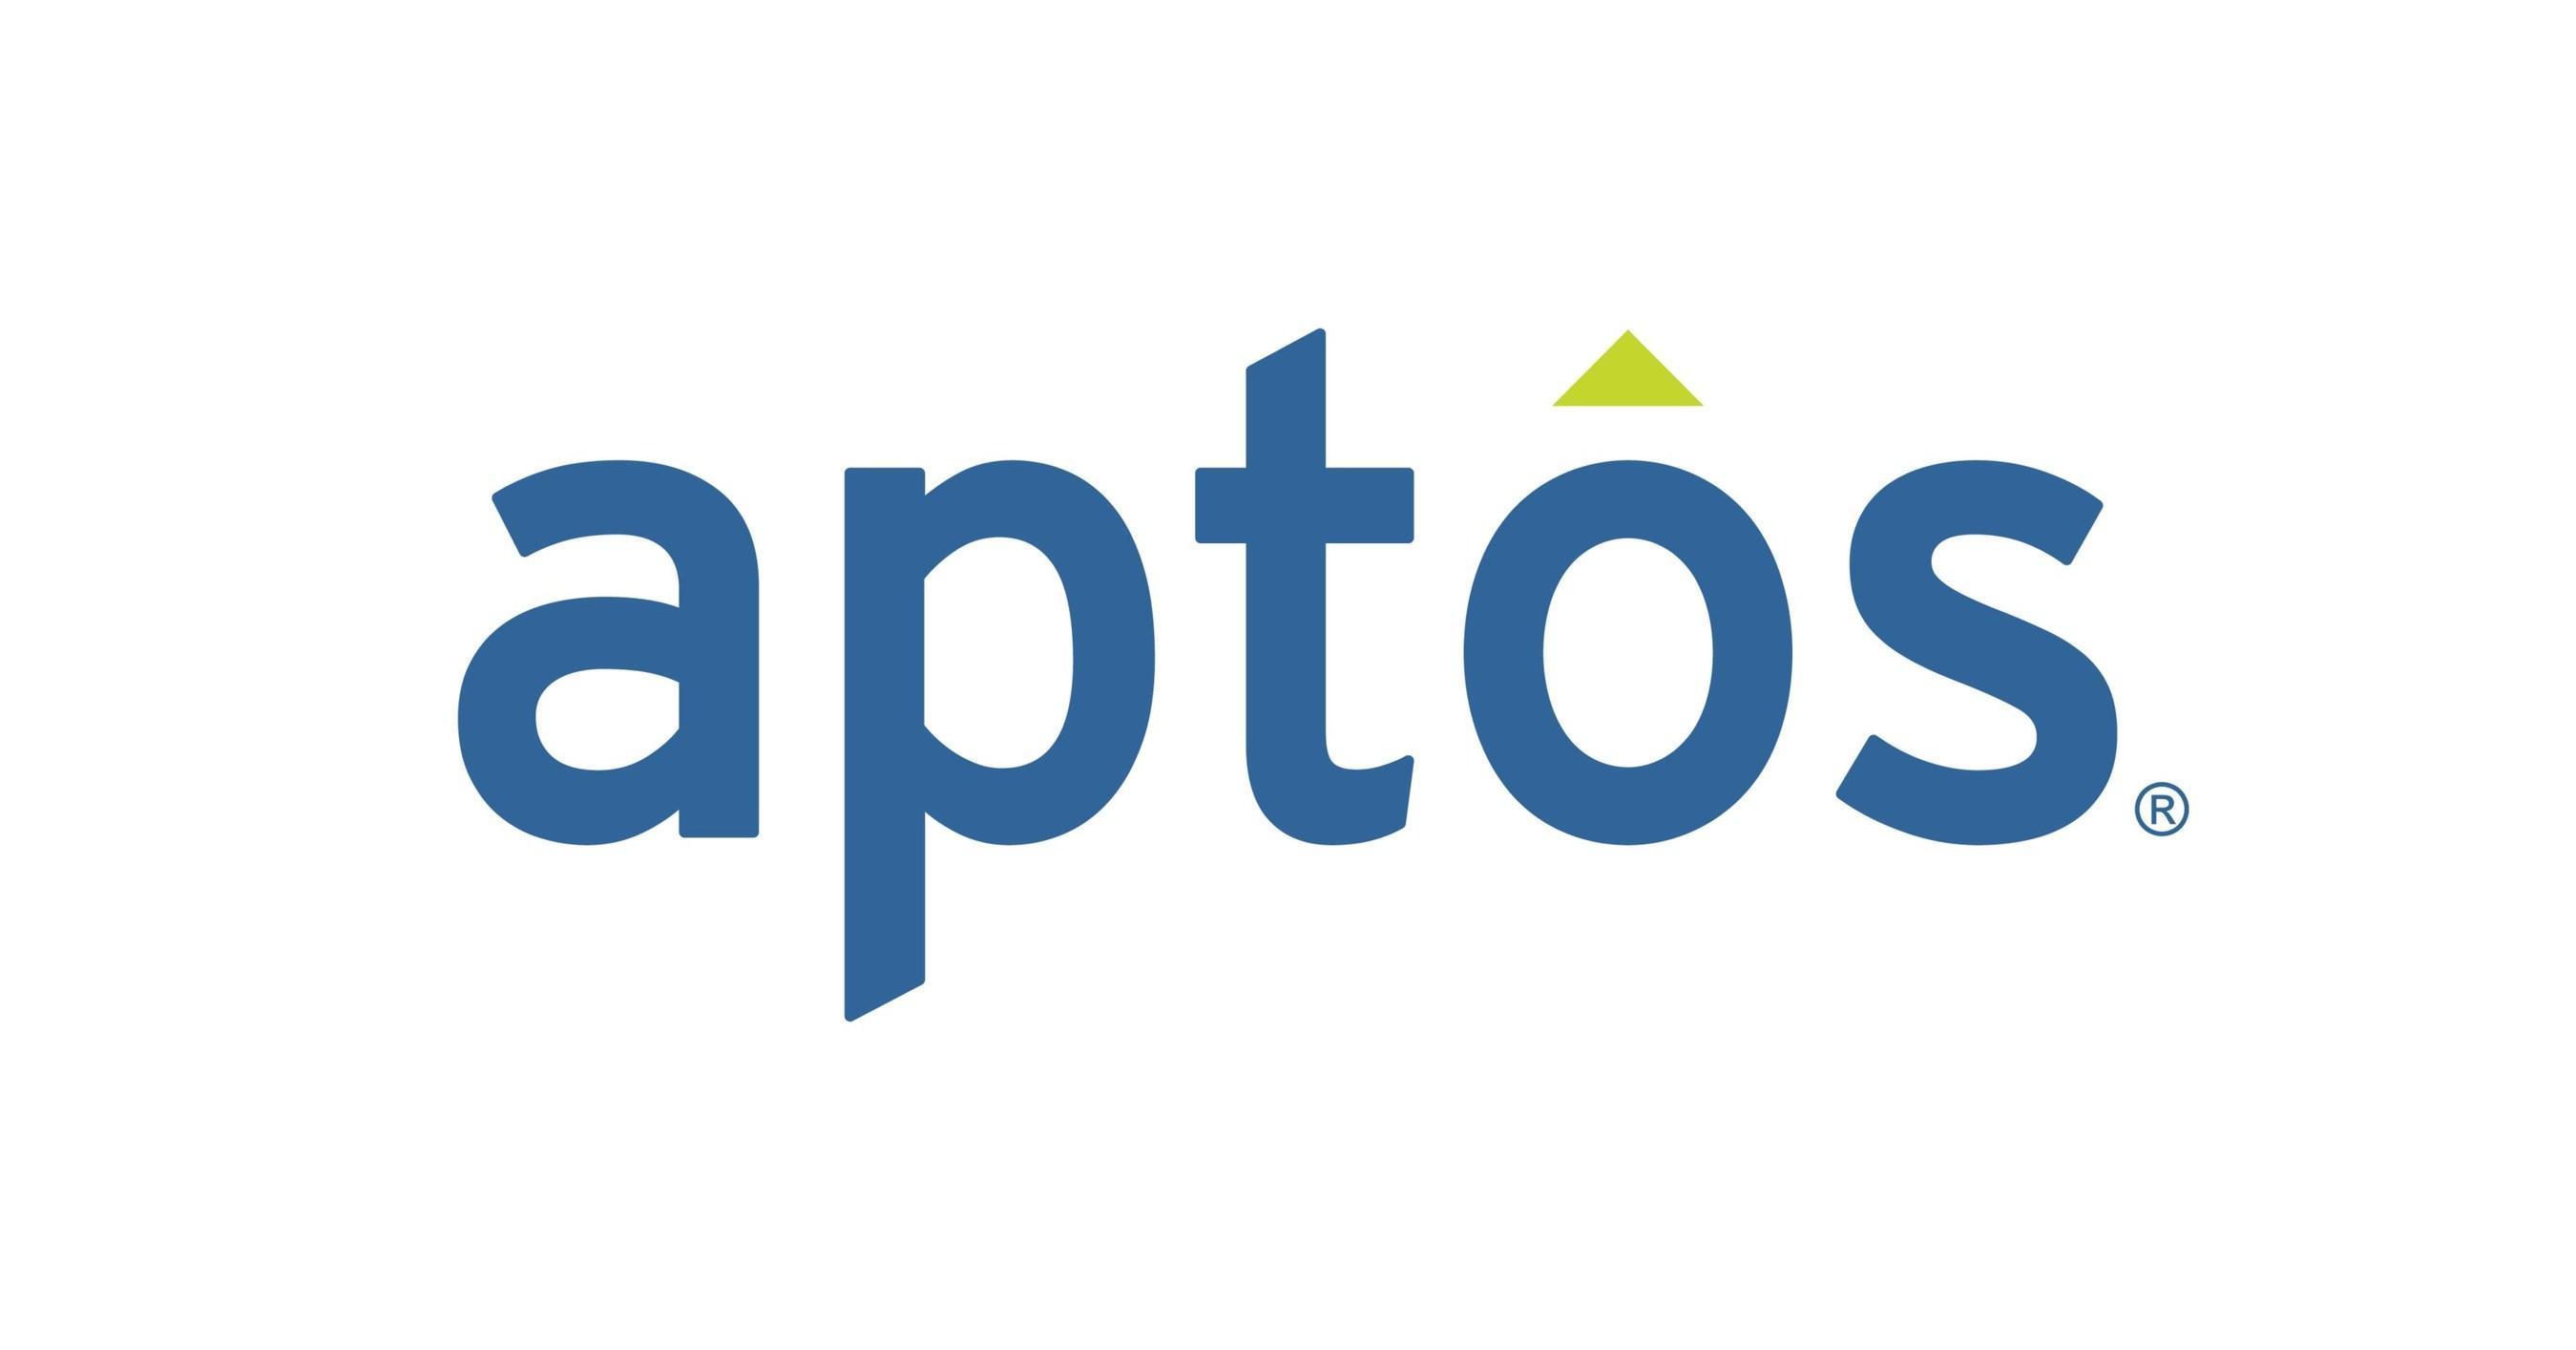 Aptos company logo